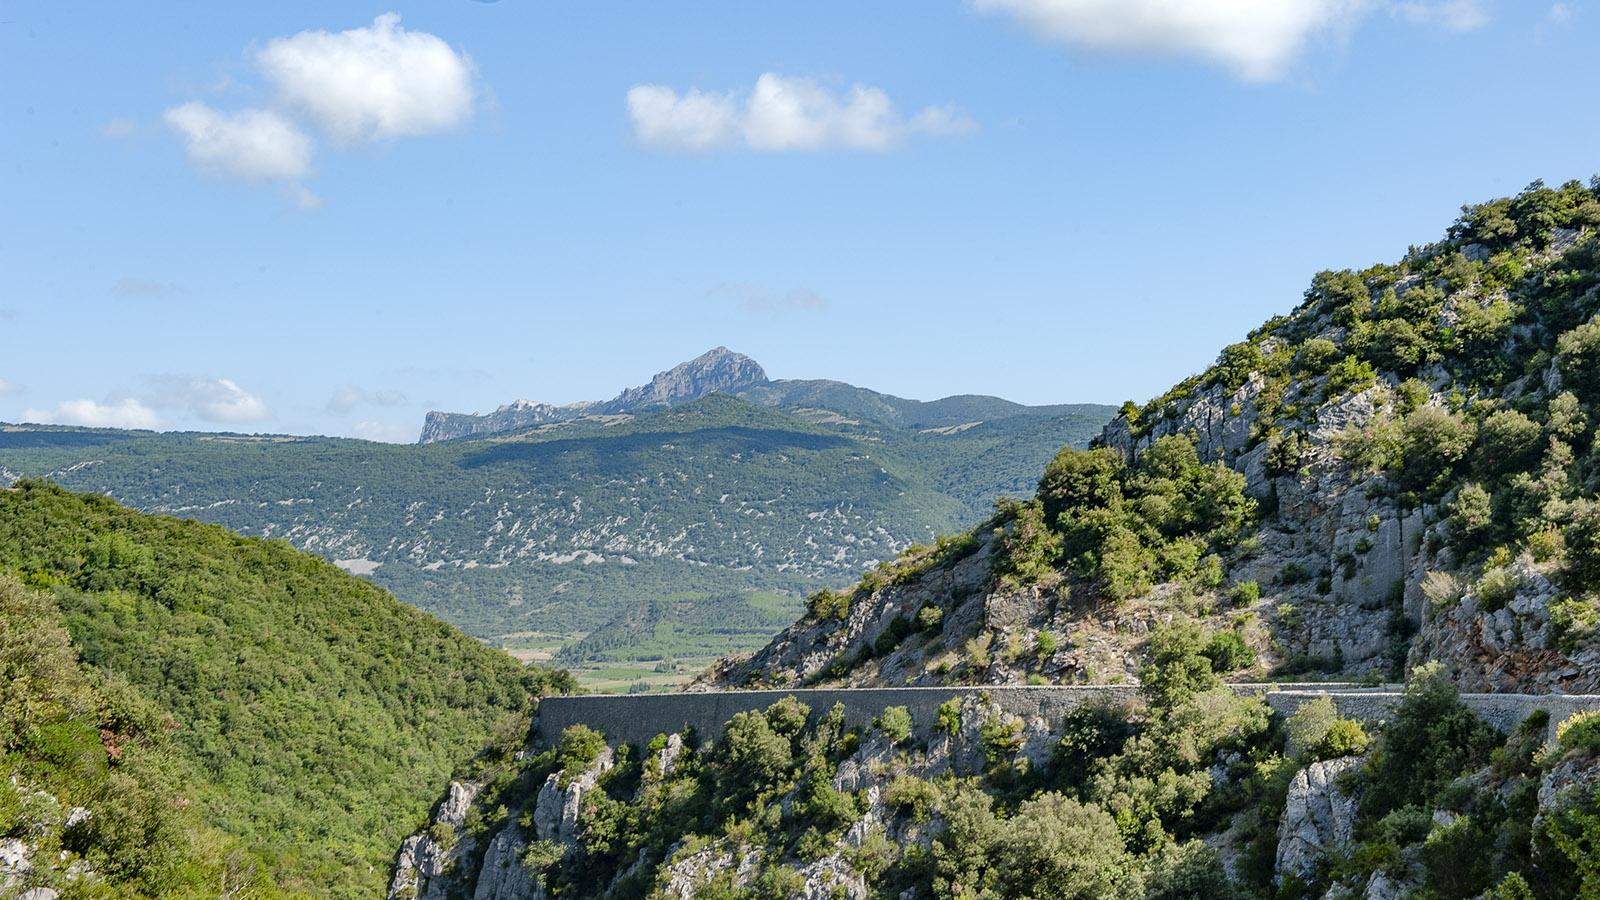 Gorges Saint-Jaume. Blick über die Schlucht auf den Pech de Bugarach. Foto: Hilke Maunder